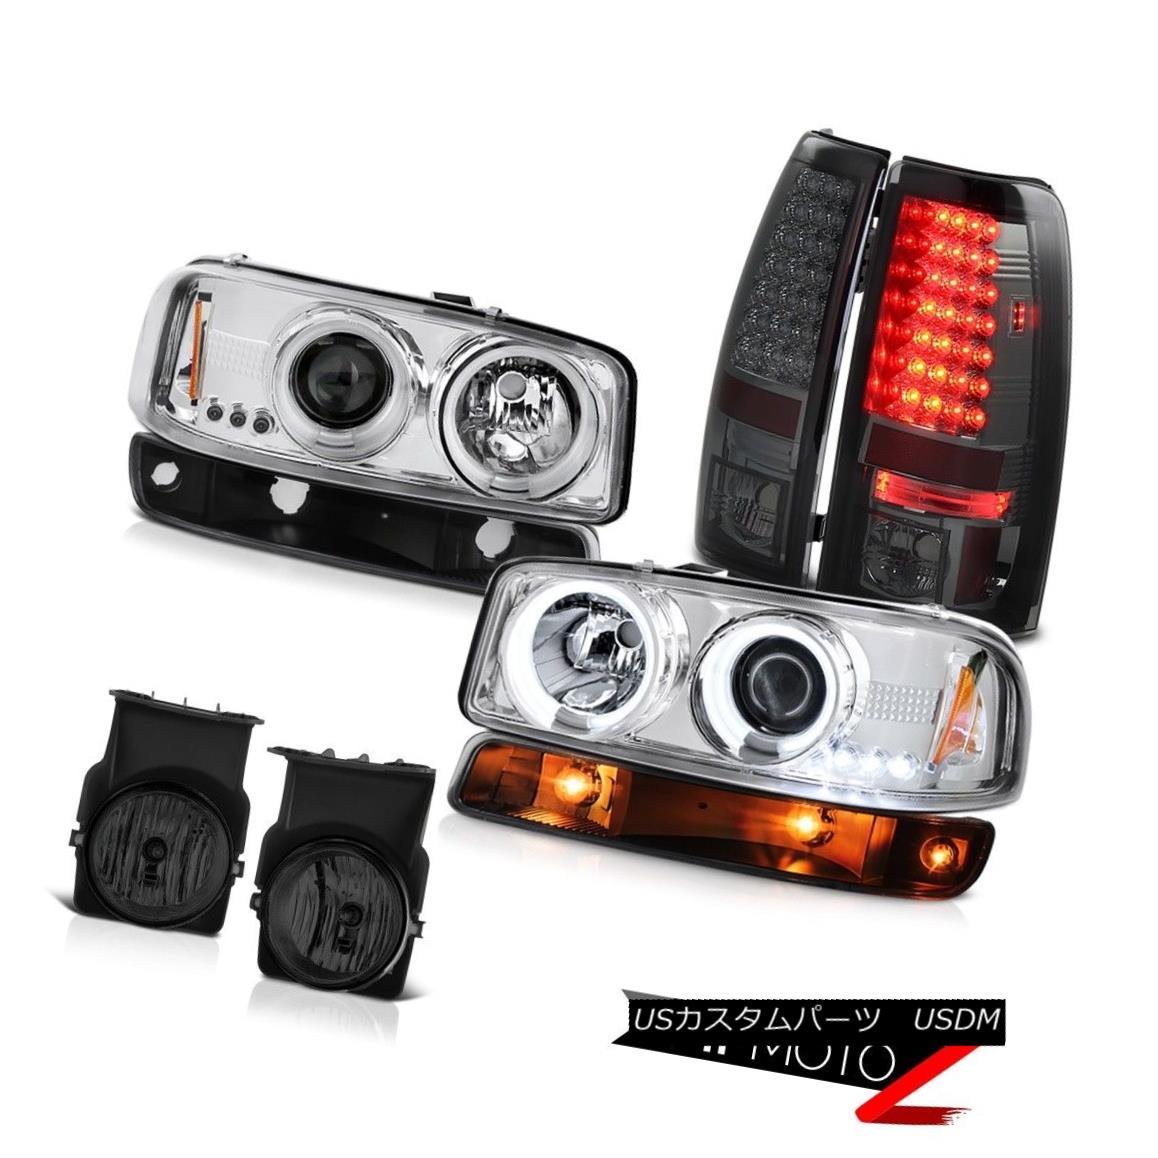 テールライト 03-06 Sierra WT Foglamps tail brake lights black parking light ccfl headlamps 03-06シエラWTフォグランプテールブレーキライトブラックパーキングライトccflヘッドライト